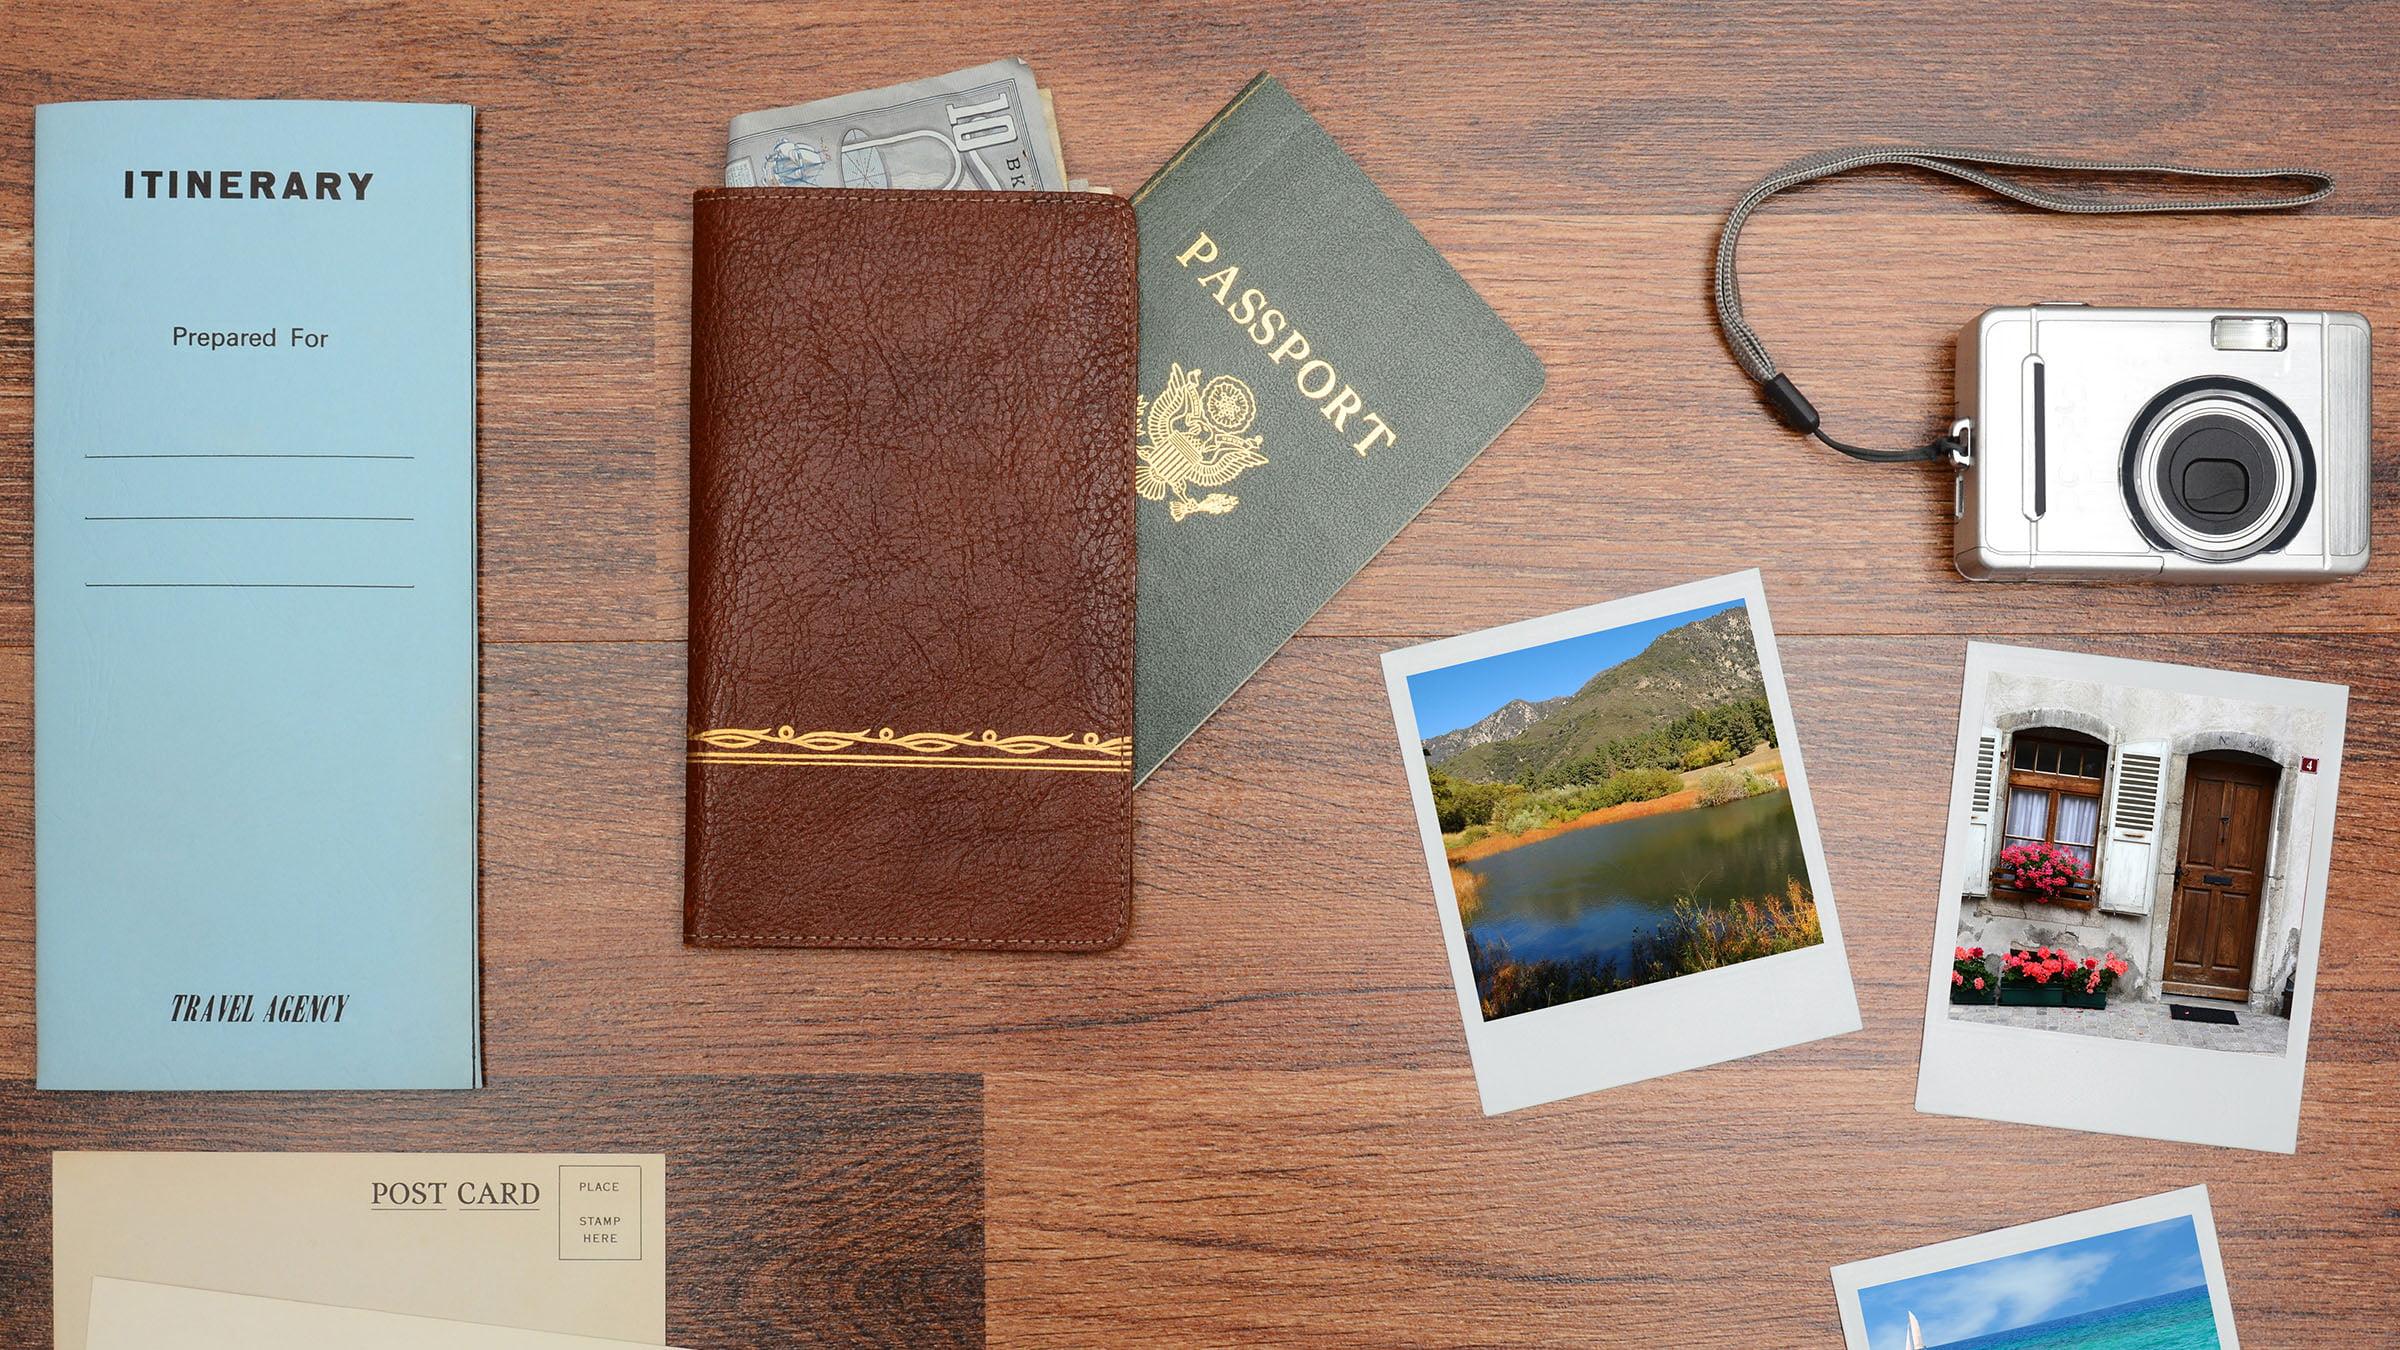 Cómo organizar tu viaje cómodamente